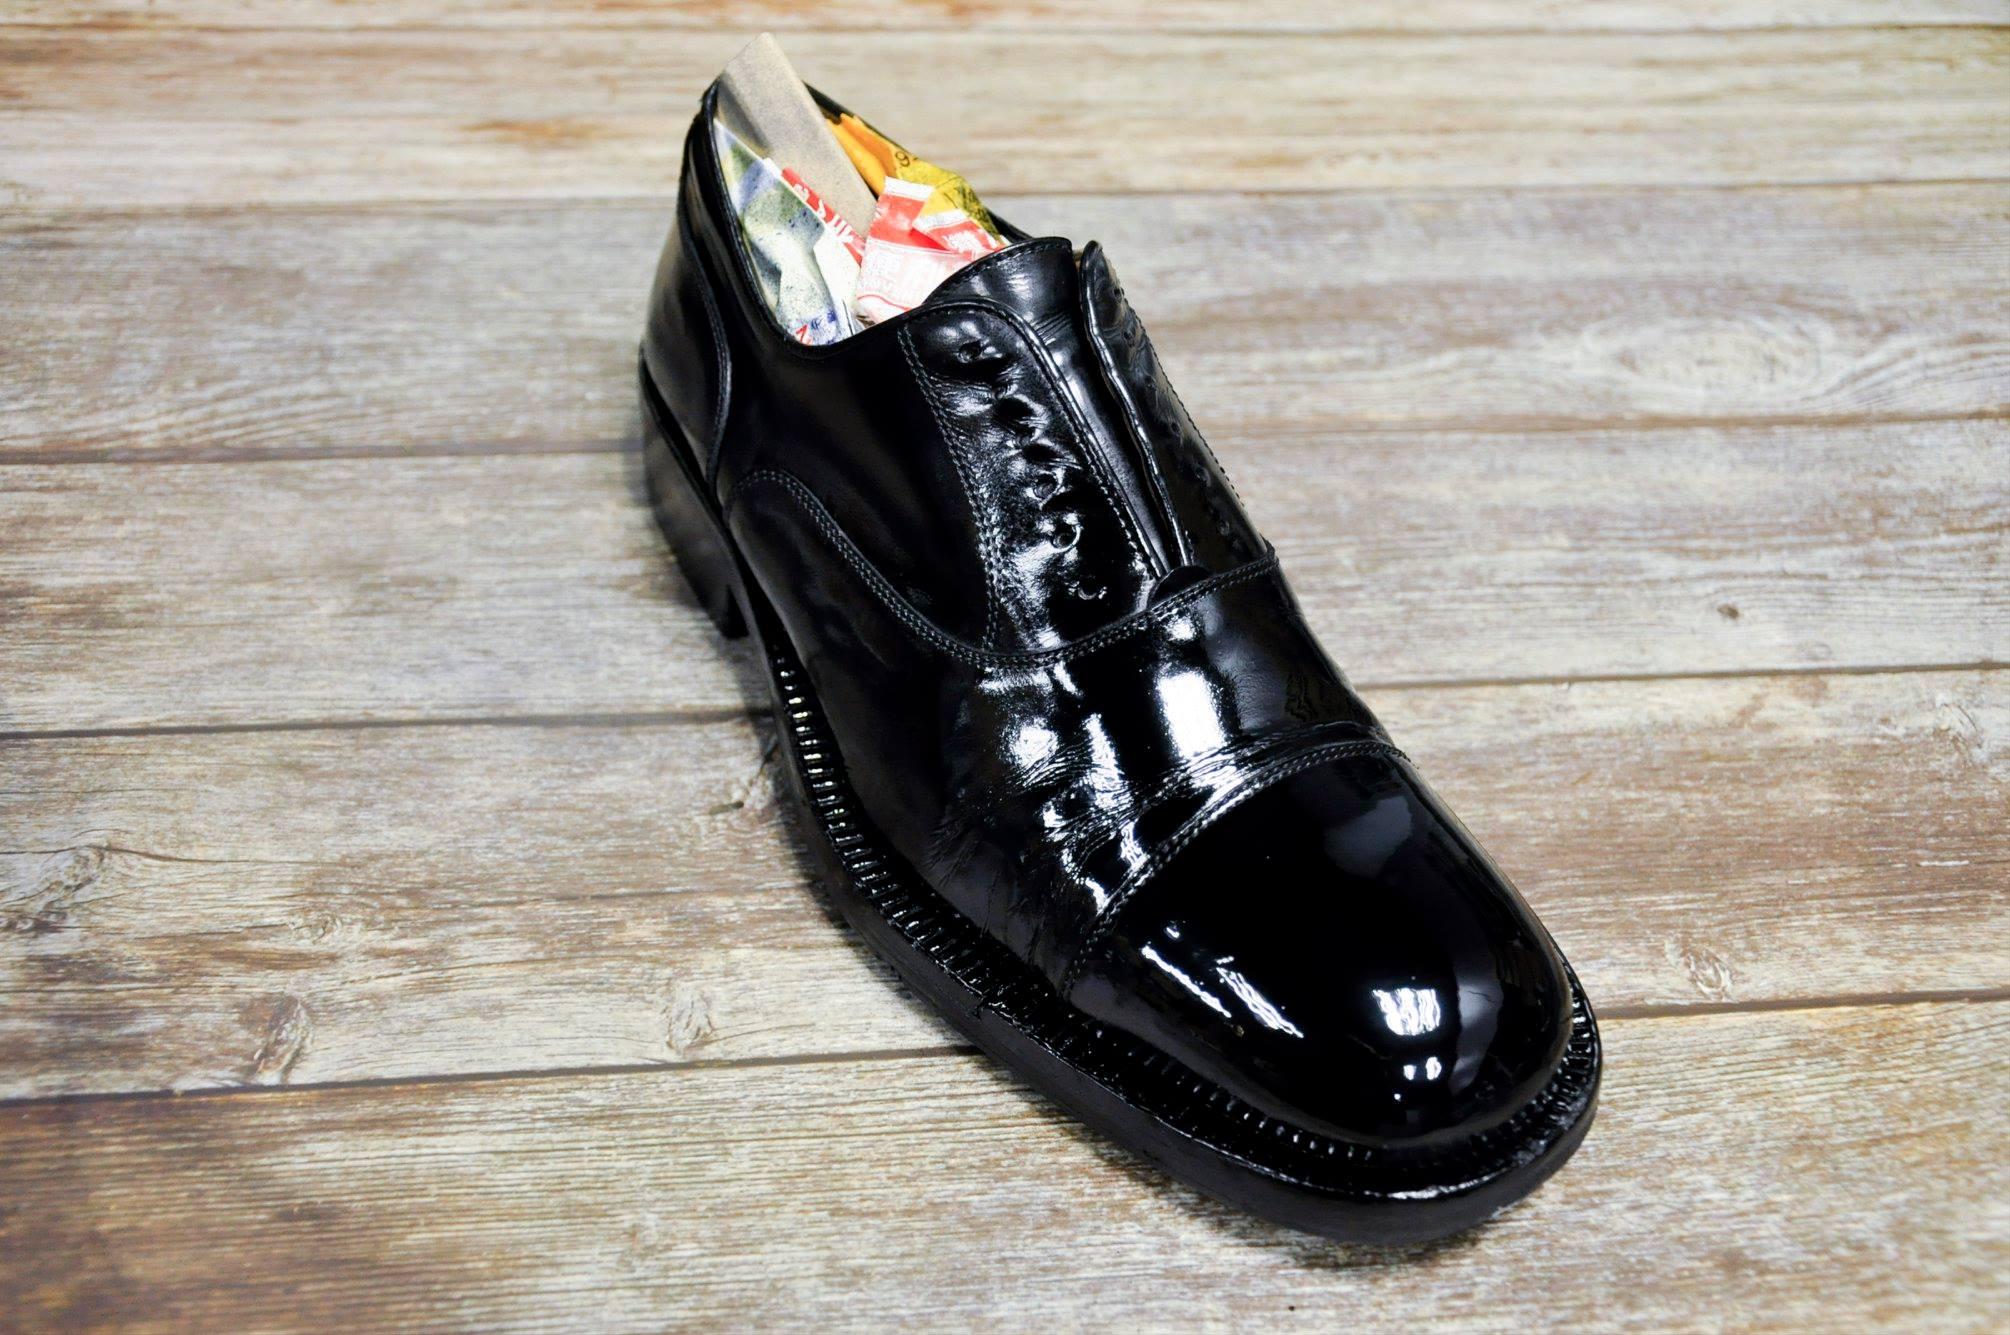 ガラスレザーの靴のイメージ画像